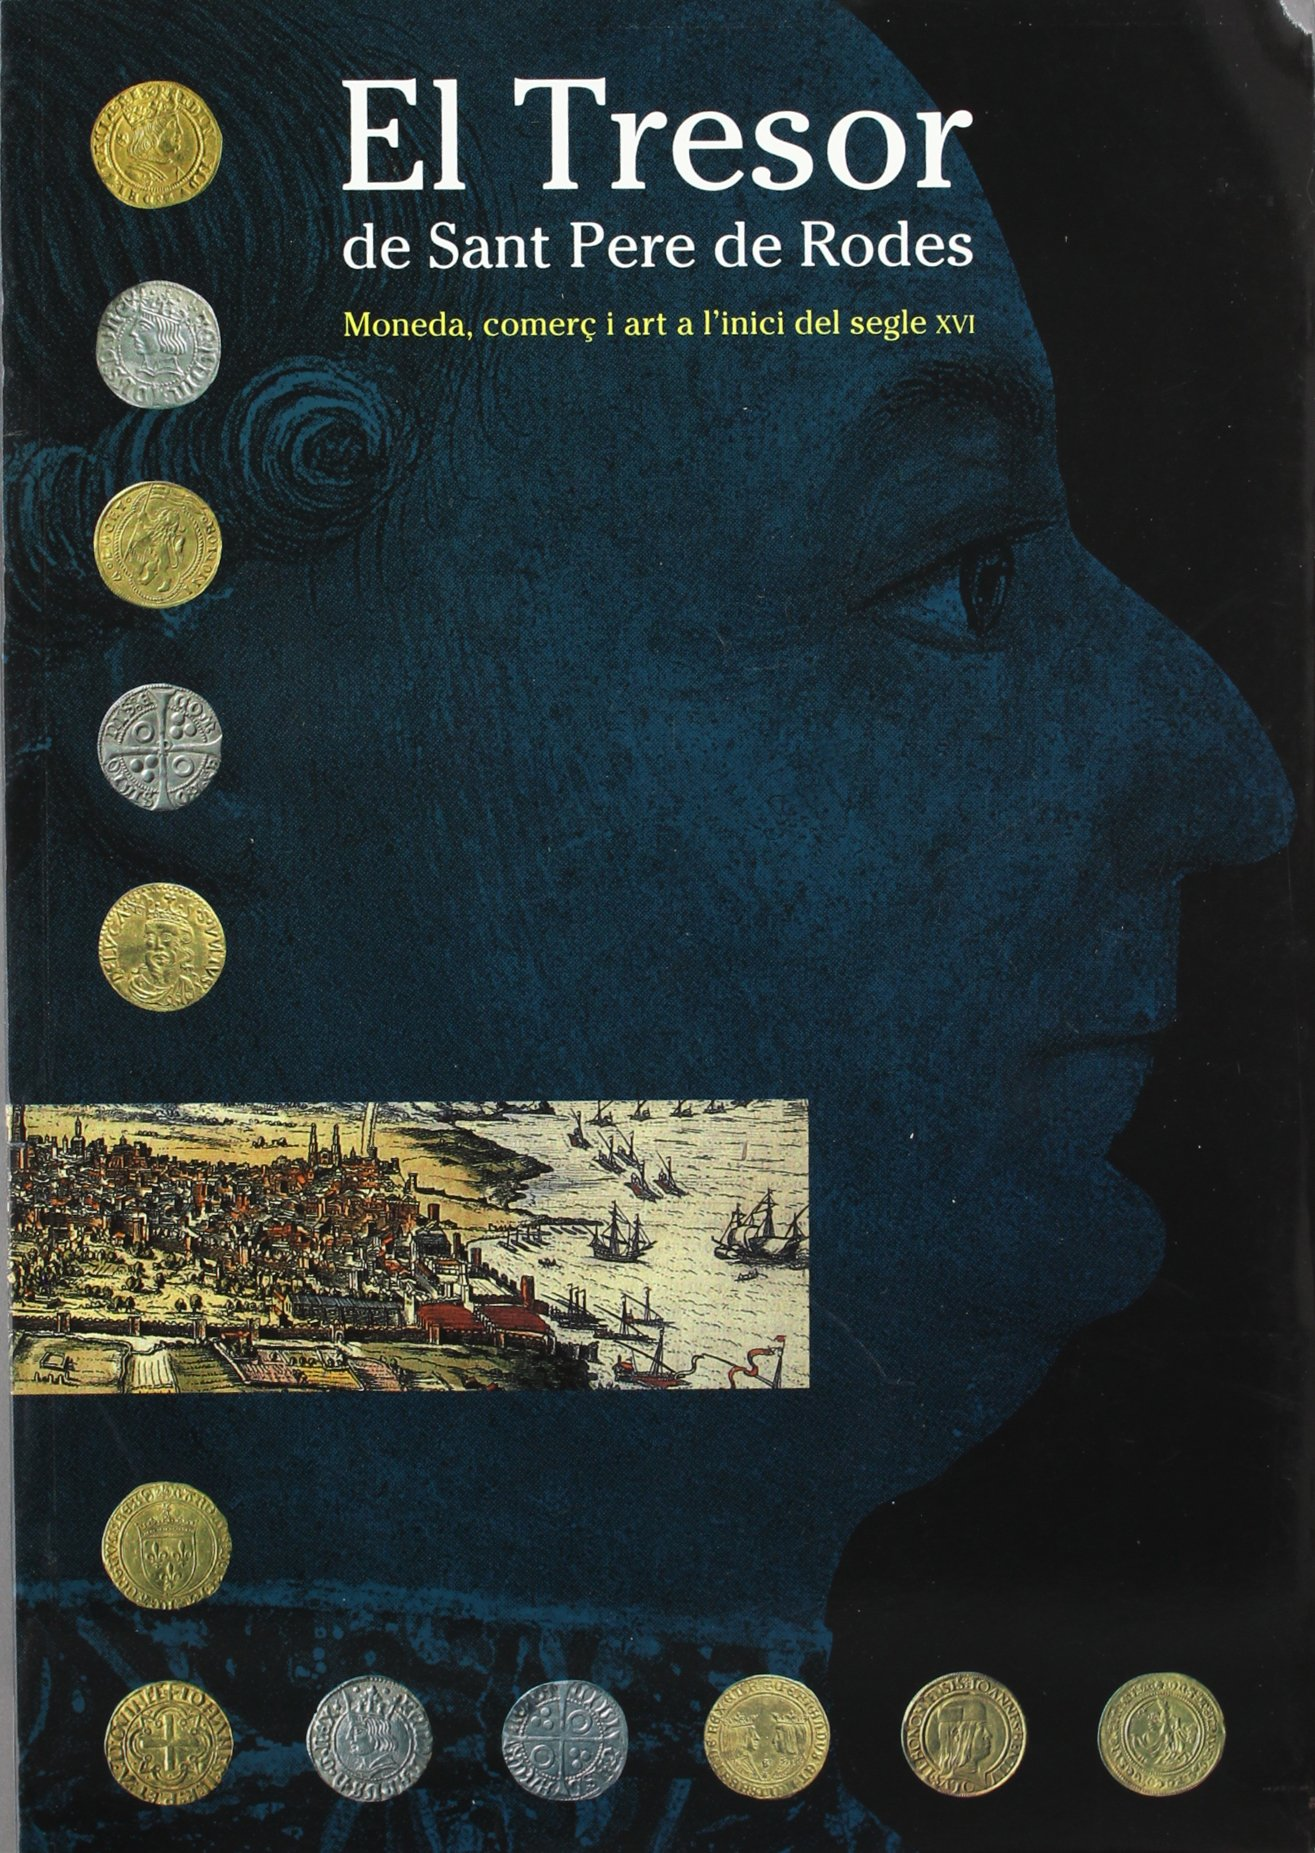 Tresor De Sant Pere De Rodes Moneda Catalan Edition Marot Teresa 9788480430517 Books